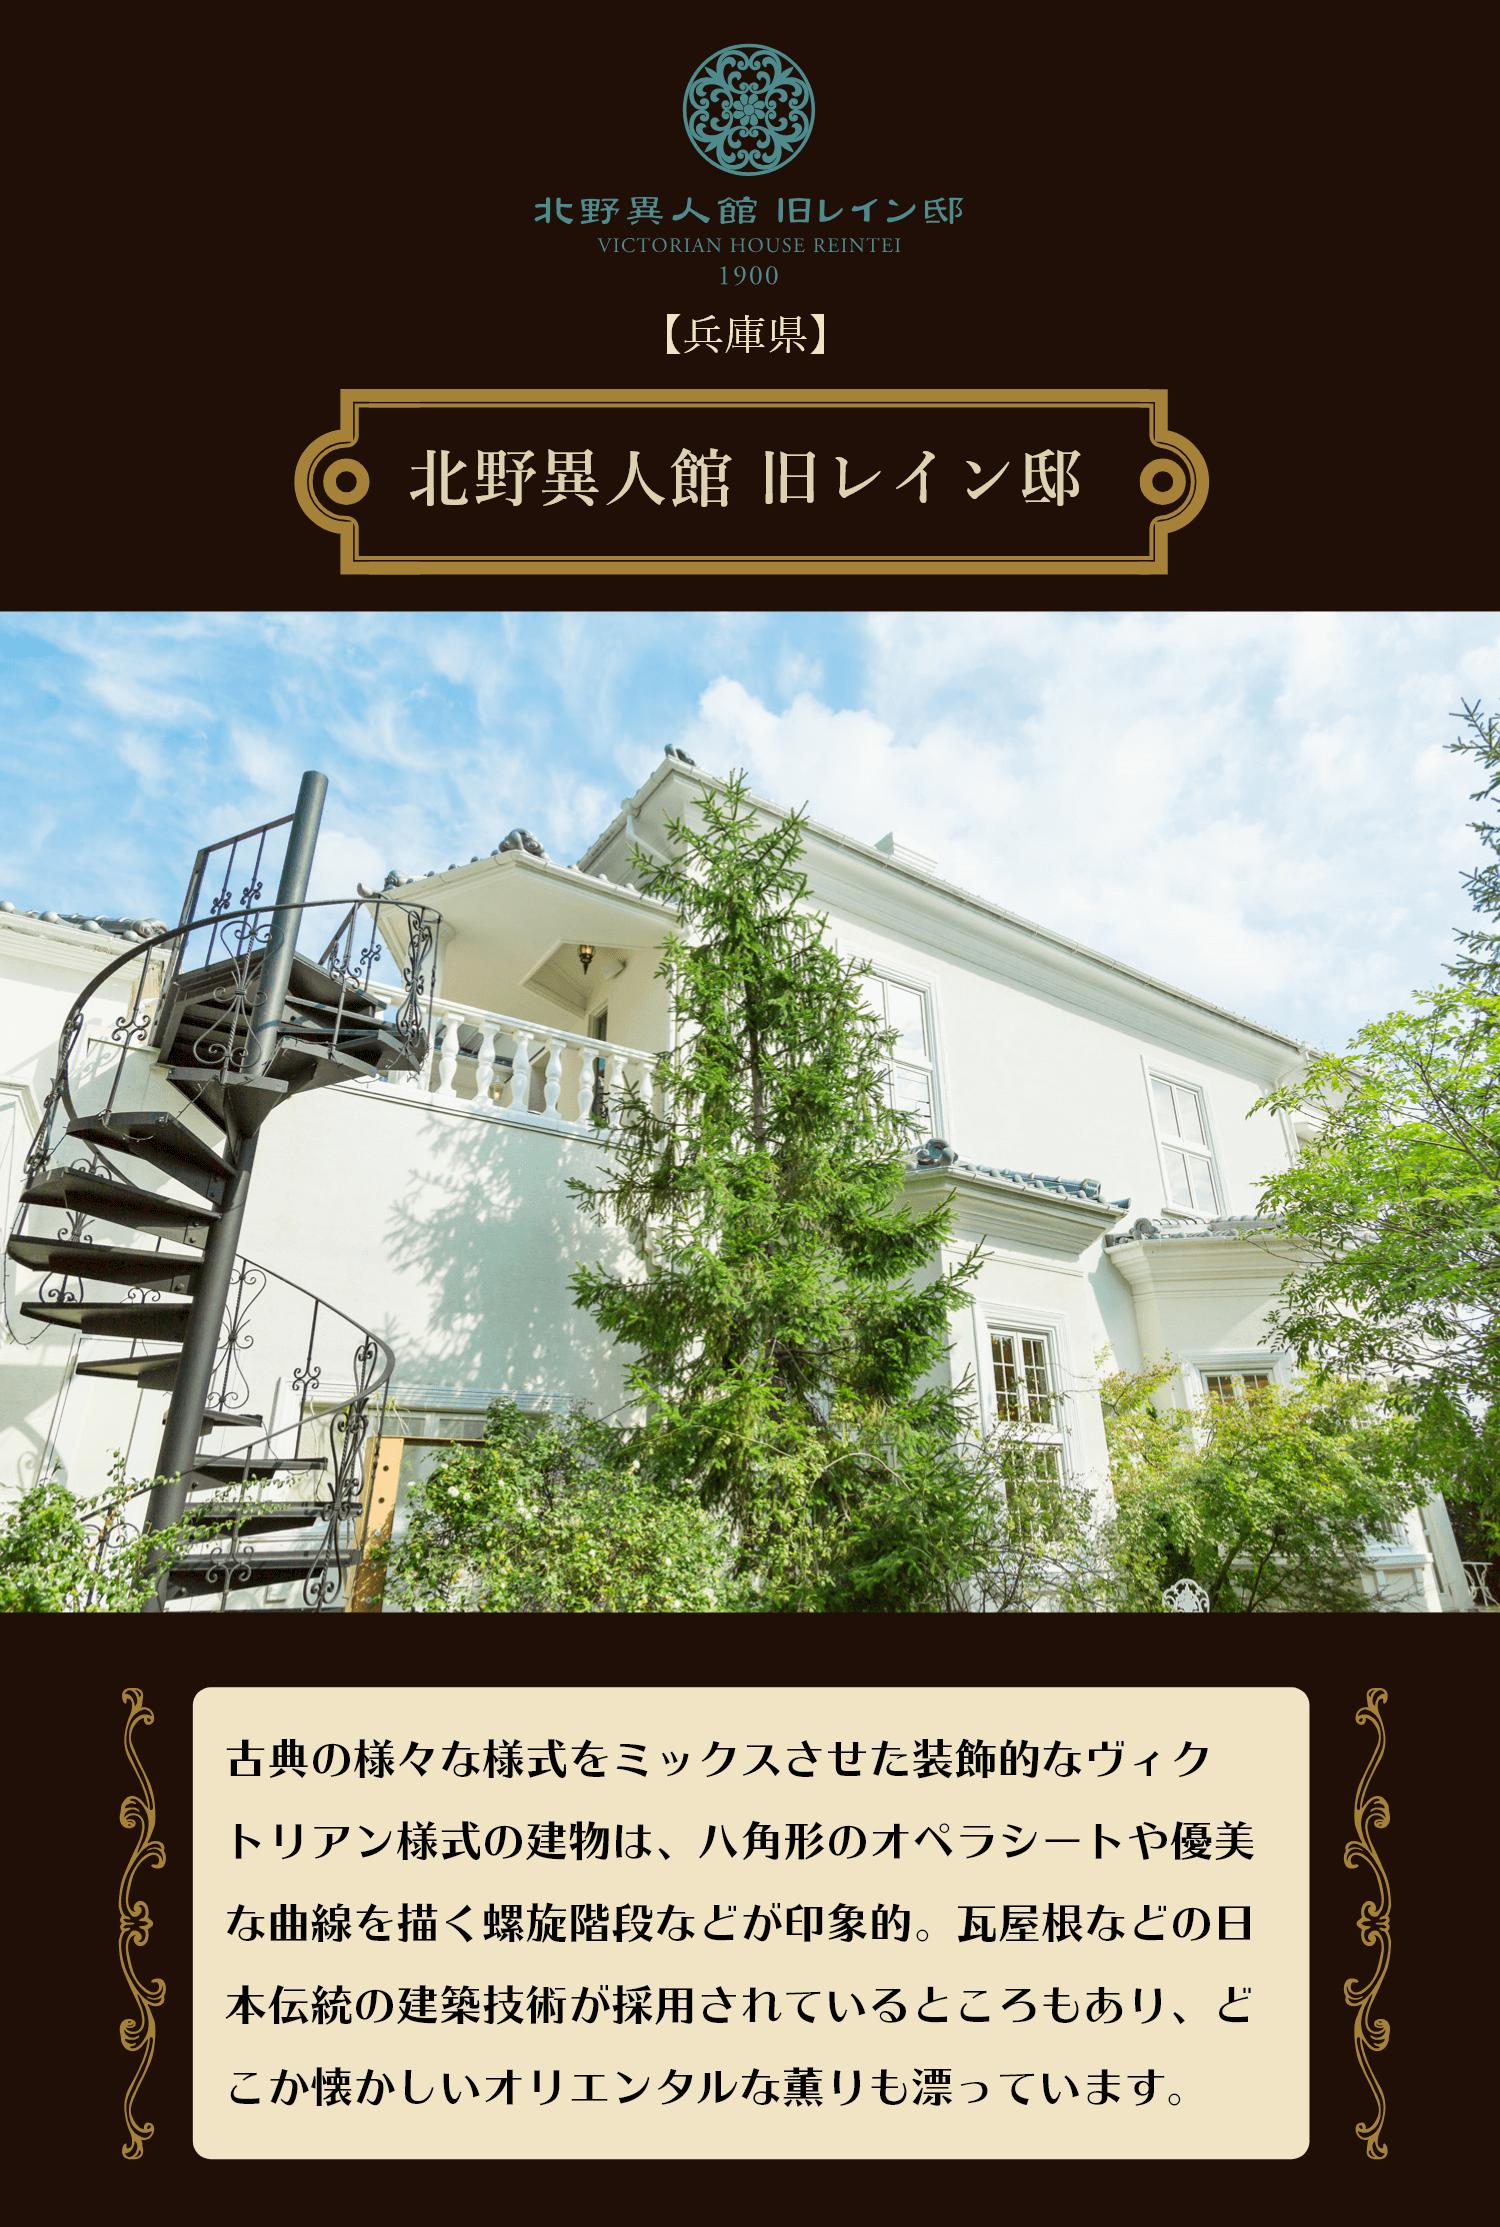 【兵庫県】北野異人館 旧レイン邸   古典の様々な様式をミックスさせた装飾的なヴィクトリアン様式の建物は、八角系のオペラシートや優美な曲線を描く螺旋階段などが印象的。瓦屋根などの日本伝統の建築技術が採用されているところもあり、どこか懐かしいオリエンタルな薫りも漂っています。